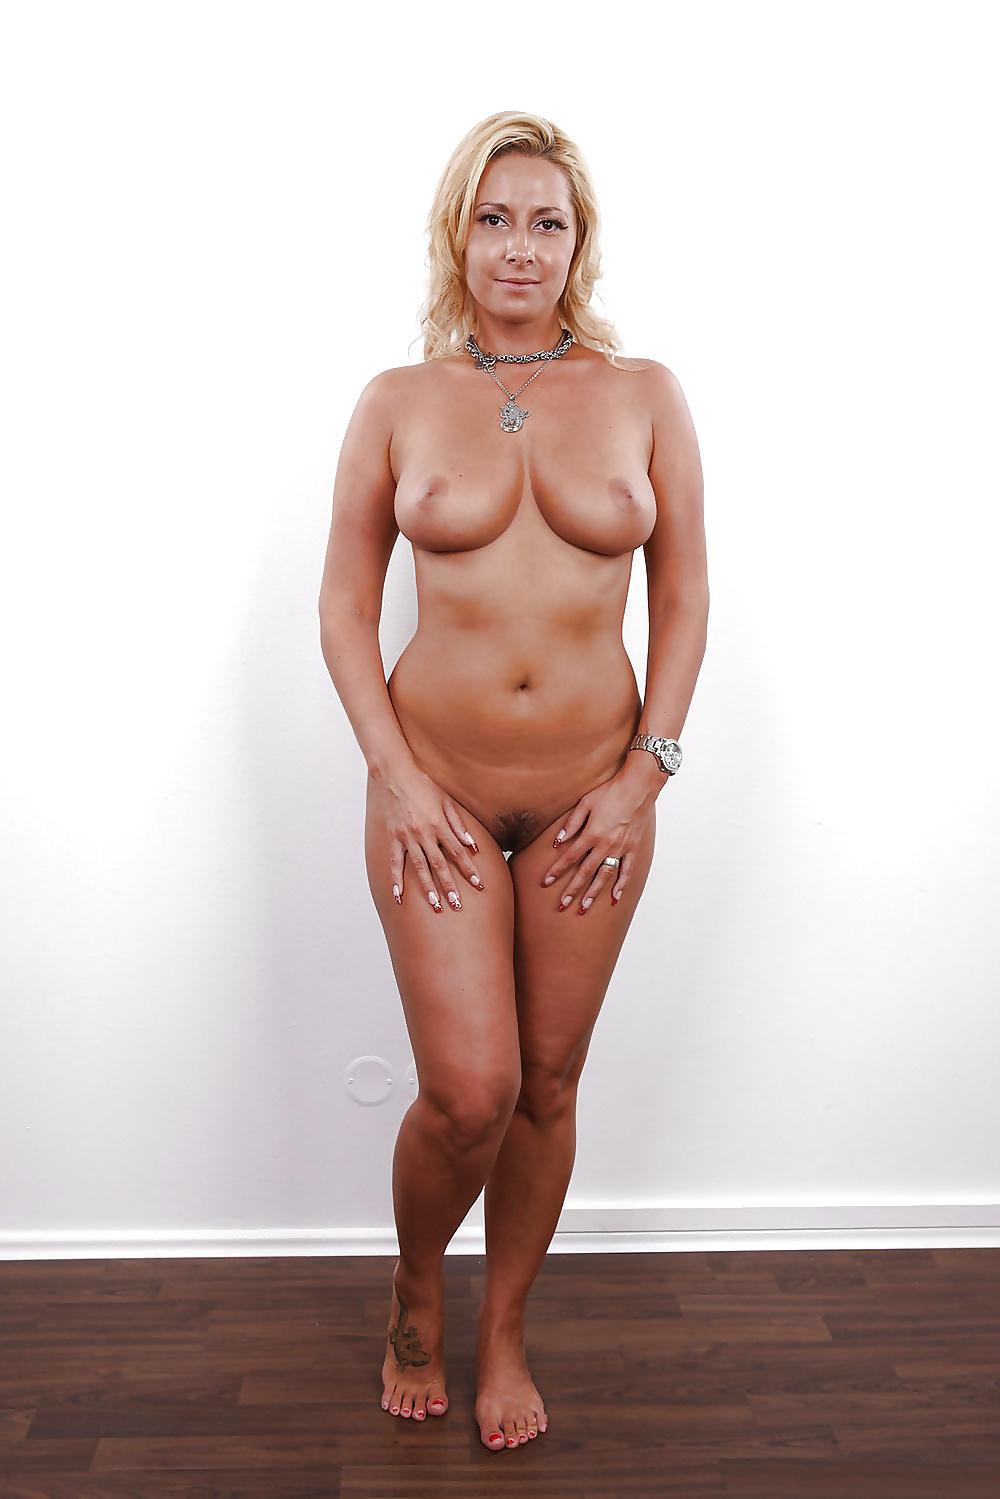 female pubic hair nude